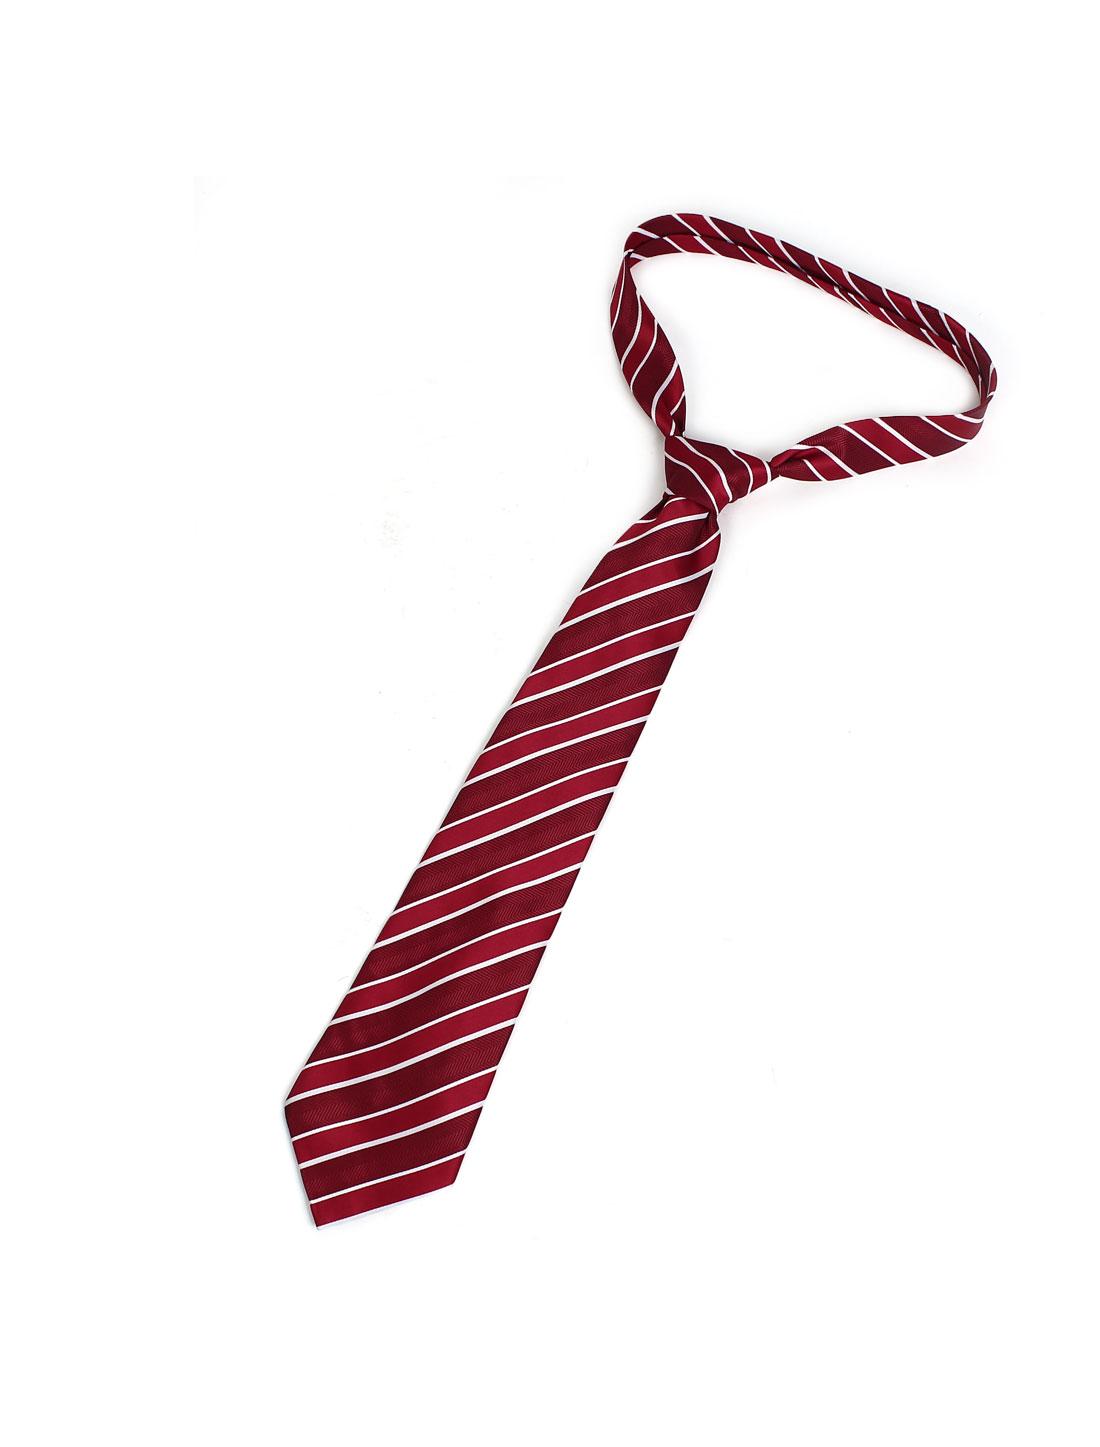 145cm Long White Red Textured Wide Twill Stripe Pattern Self Tie Necktie